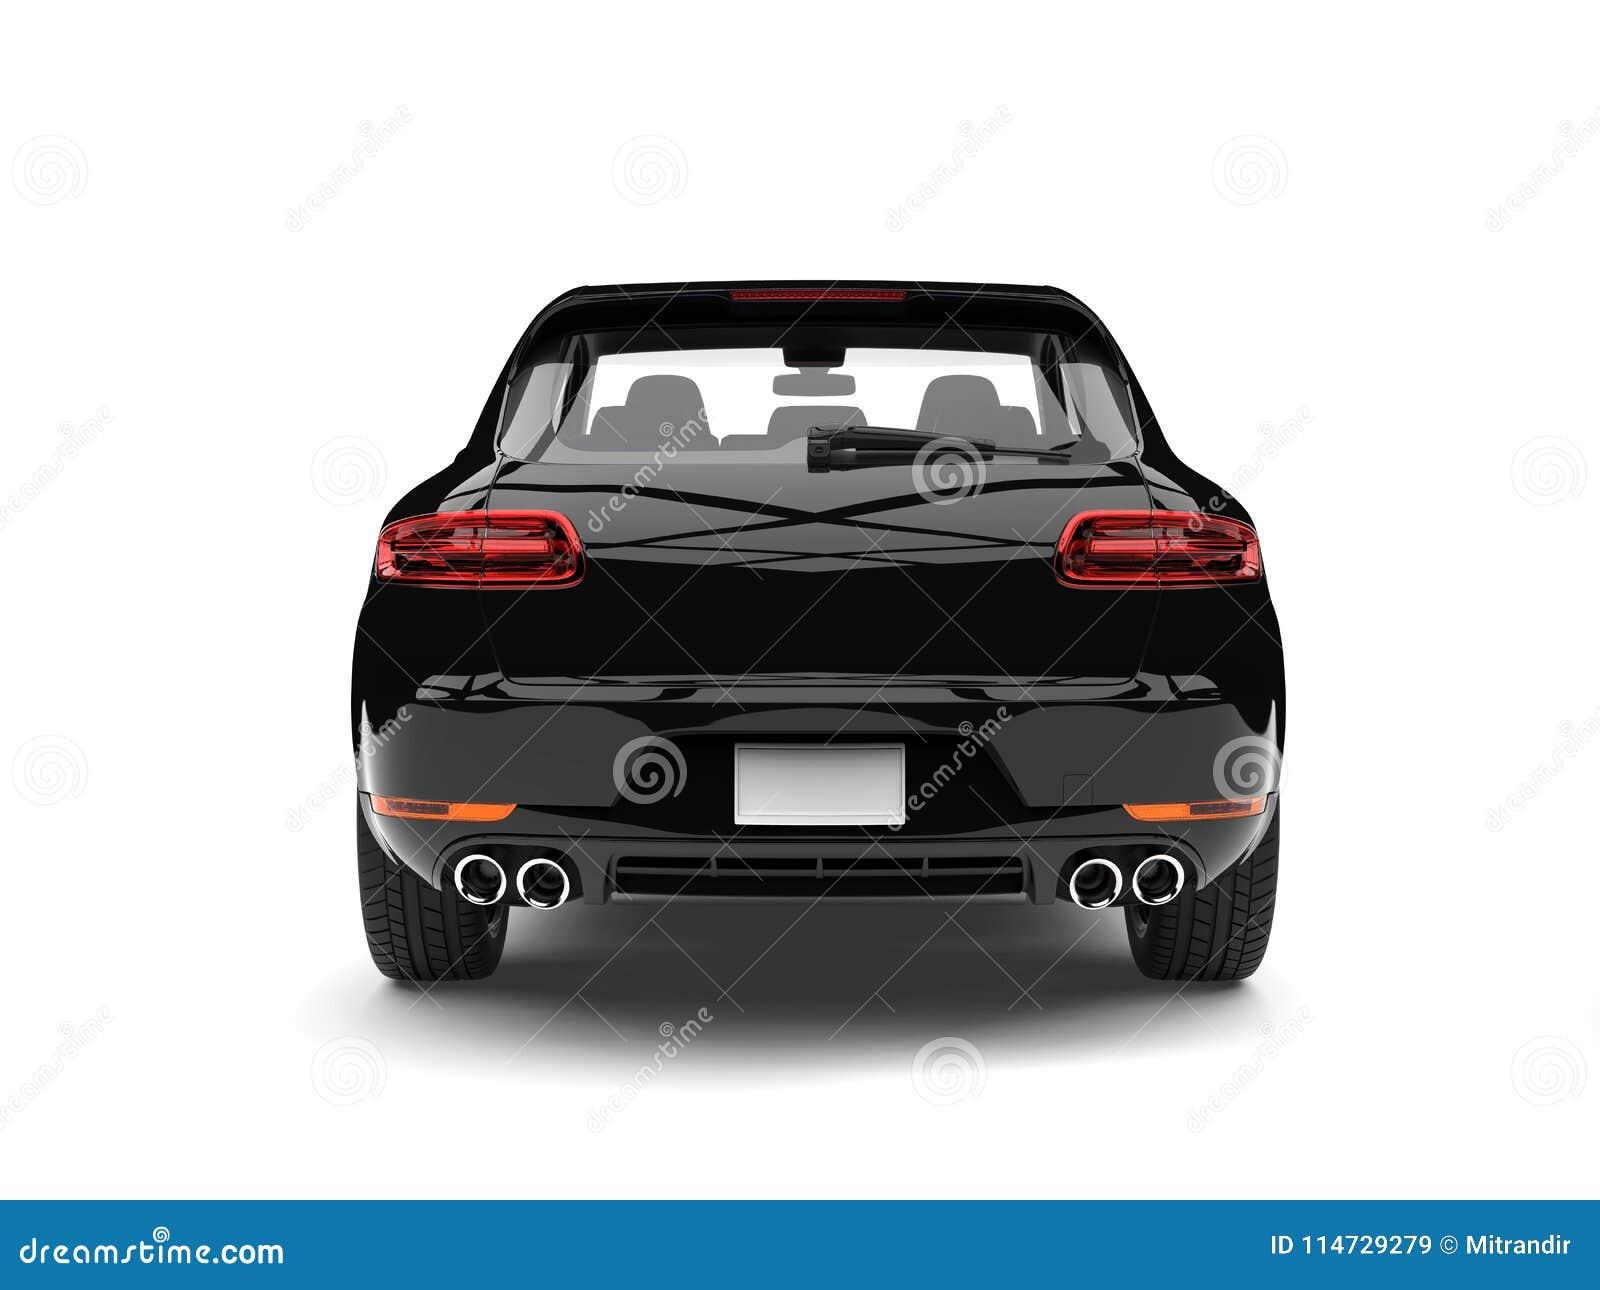 Δροσερό σύγχρονο οικογενειακό αυτοκίνητο - ο λαμπρός Μαύρος - πίσω άποψη